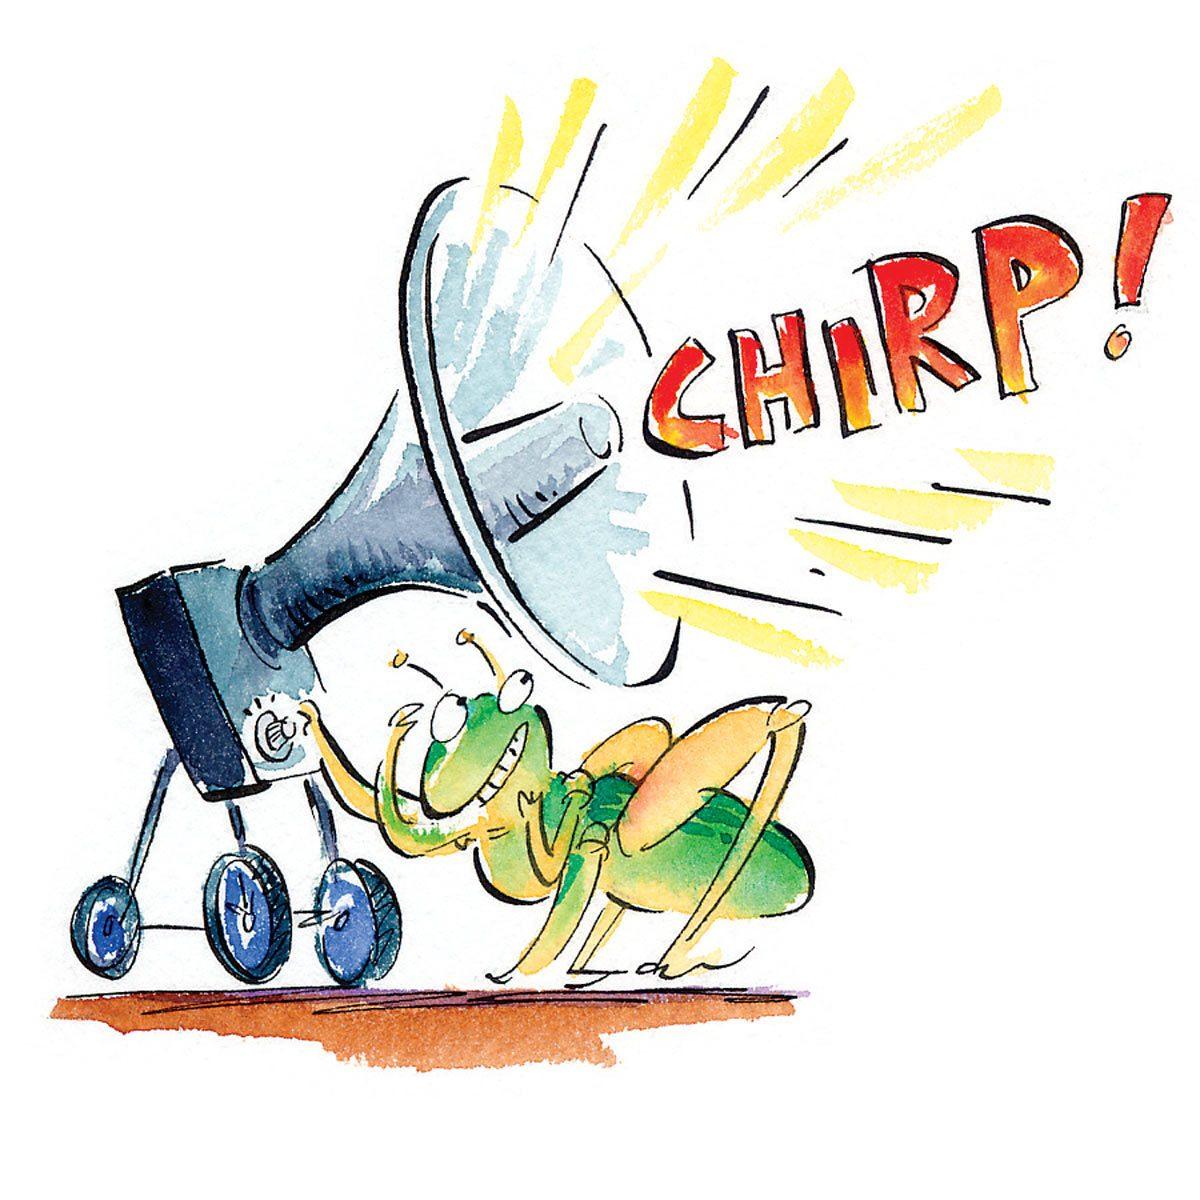 Chirp, chirp